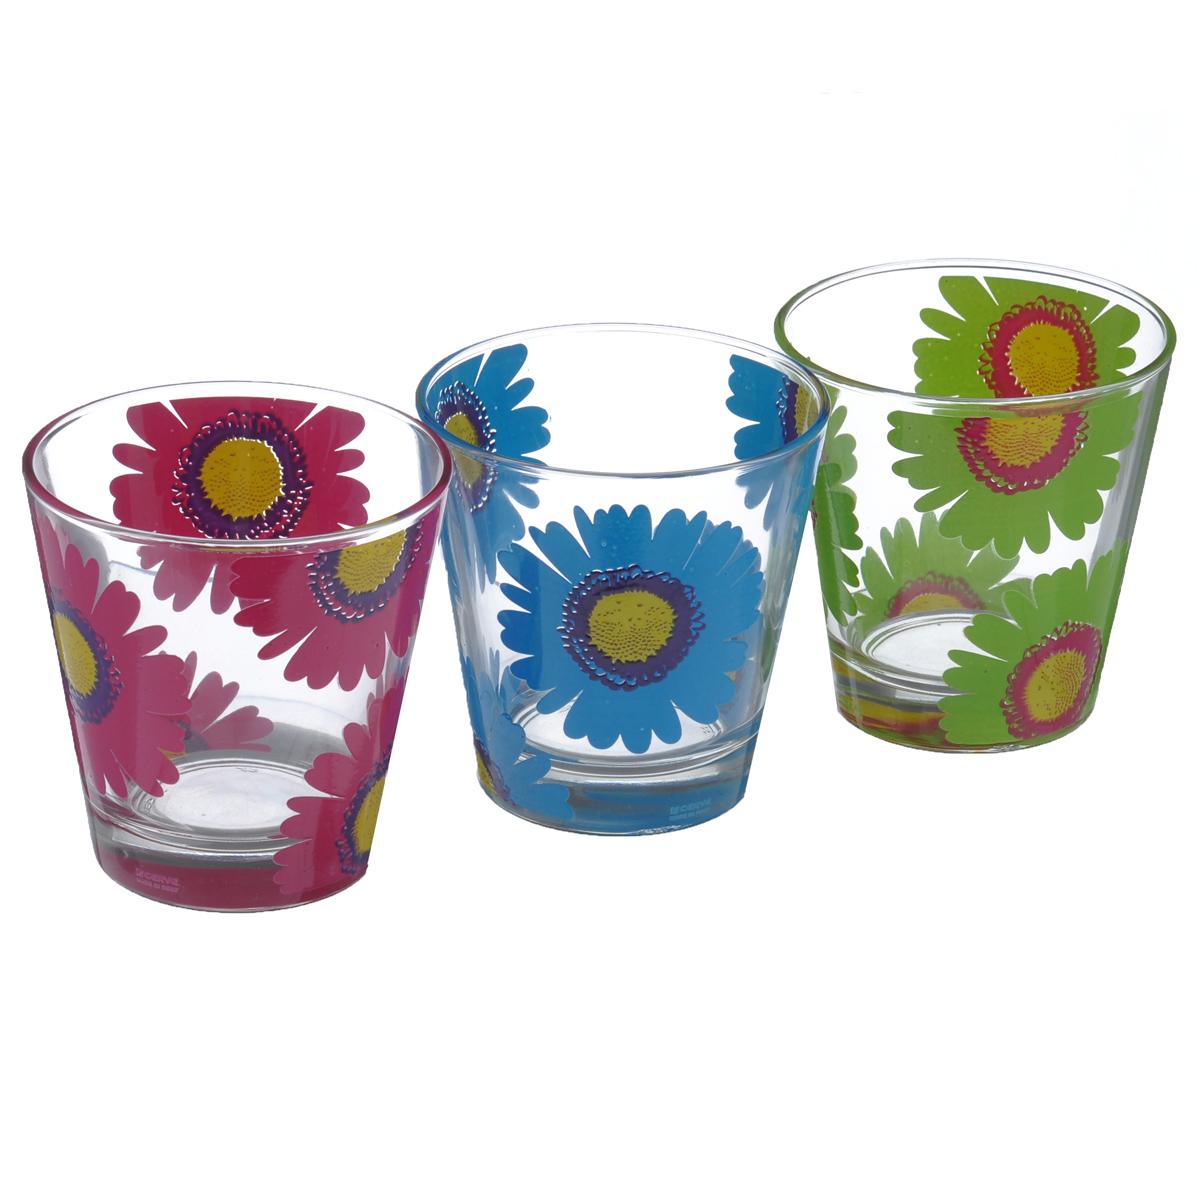 Набор стаканов Cerve Герберы, 250 мл, 3 штCEM47780Набор Cerve Герберы состоит из трех низких стаканов, изготовленных из высококачественного стекла. Внешние стенки оформлены красочным цветочным узором. Такие стаканы прекрасно подойдут для сока, воды, лимонада и других напитков. Они ярко оформят стол и станут прекрасным дополнением к коллекции вашей кухонной посуды. Можно мыть в посудомоечной машине. Диаметр стакана (по верхнему краю): 8,5 см. Высота стакана: 9 см.